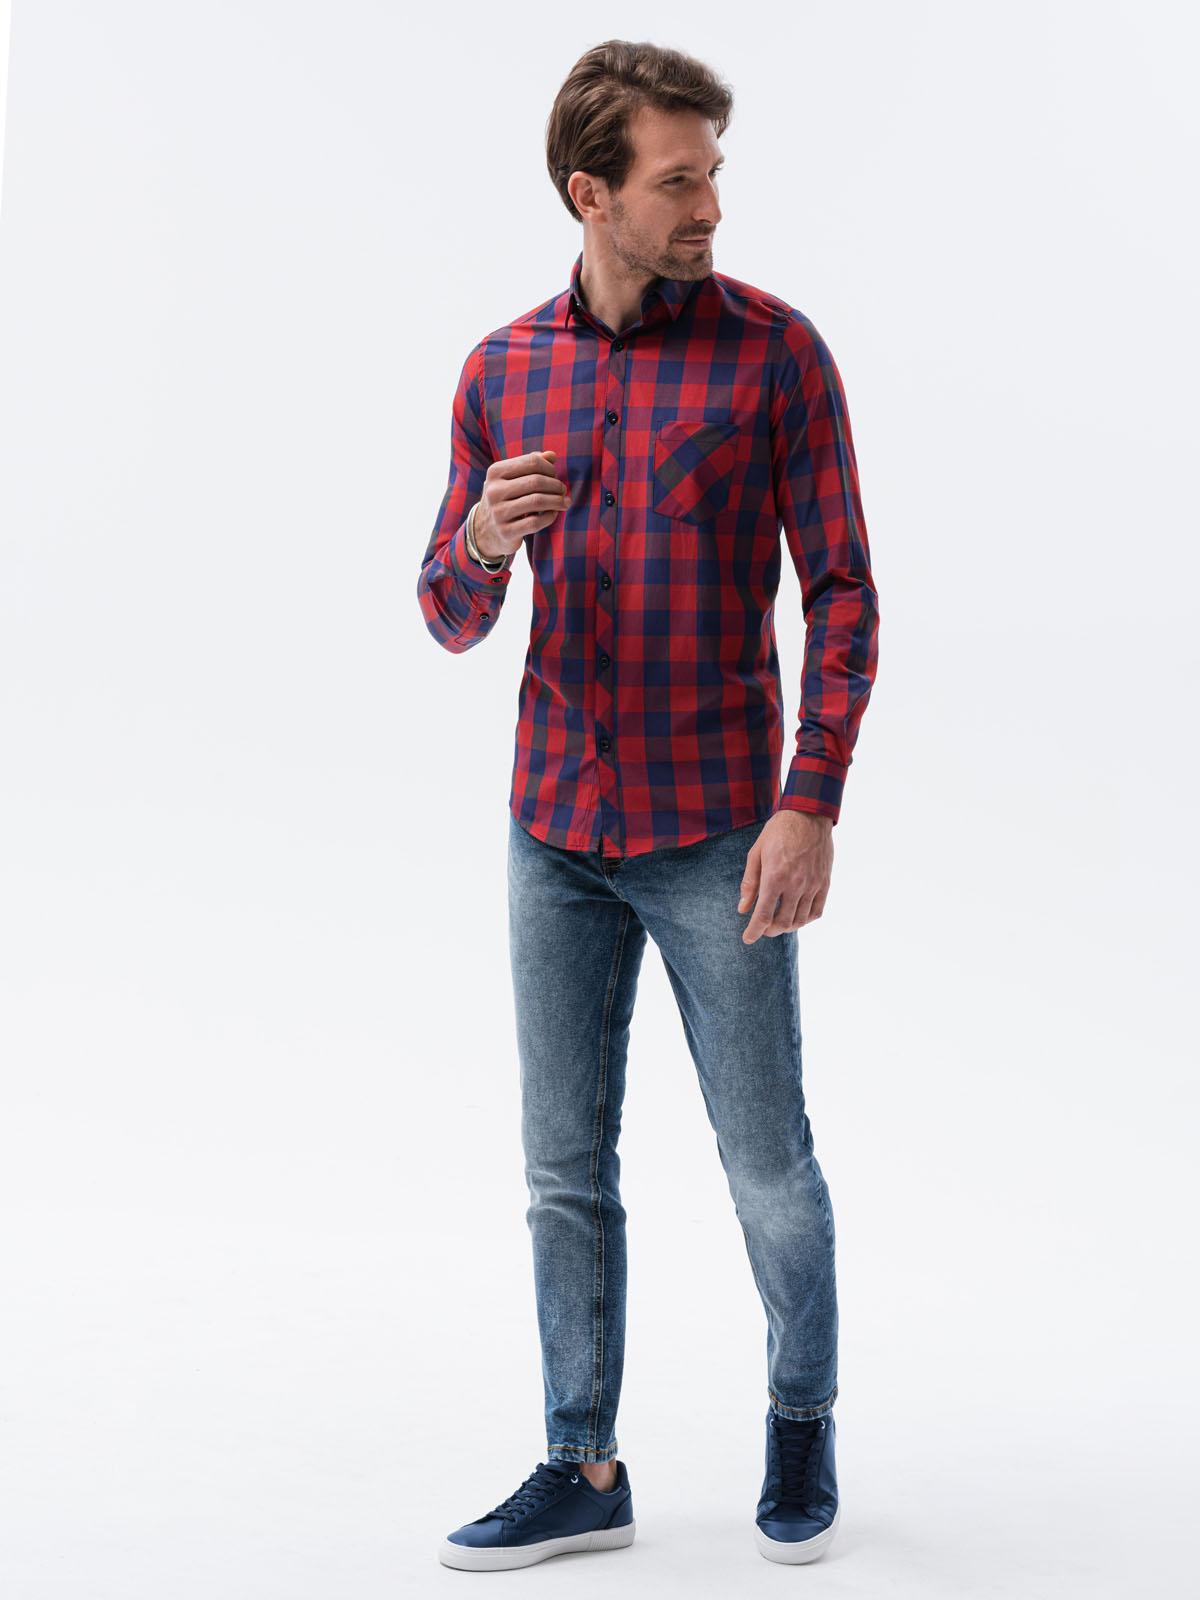 Купить Сорочка чоловіча в клітинку з довгим рукавом K282 - червоно-темно-синя, Ombre Clothing